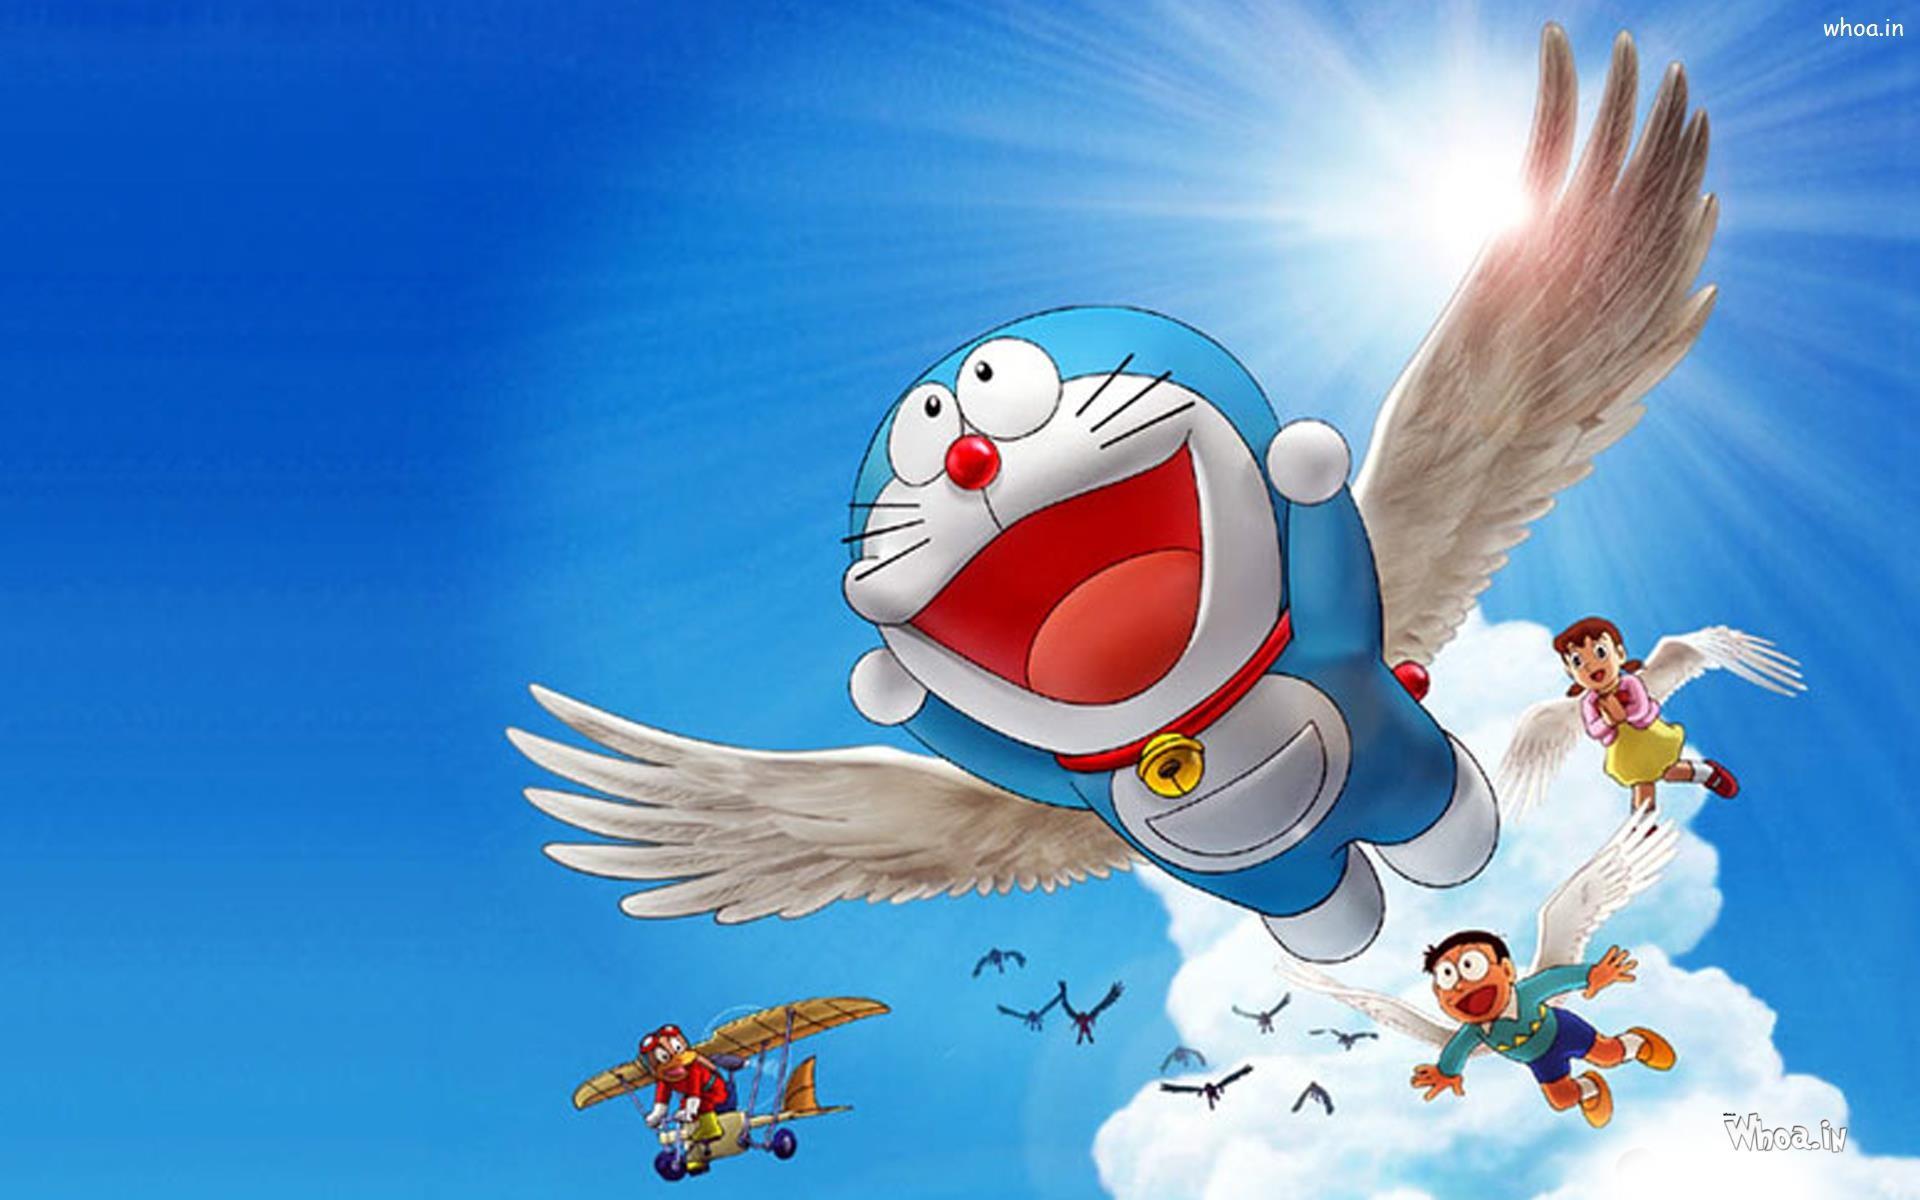 Doraemon 3d Wallpaper 2018 69 Images